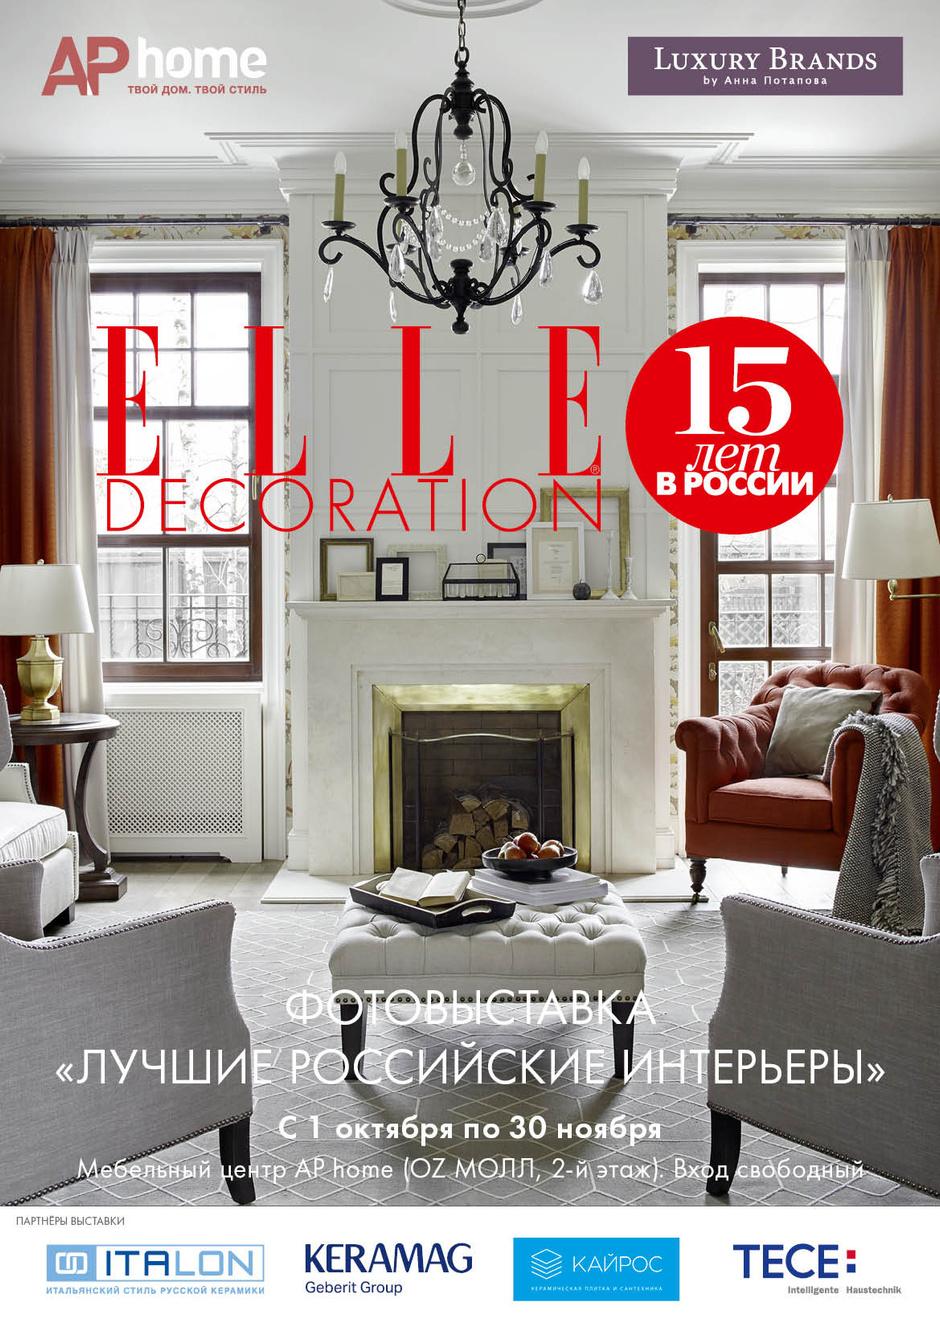 Фотоотчет с ELLE DECORATION Design Days в Ростове-на-Дону, прошедшего 25-28 апреля.